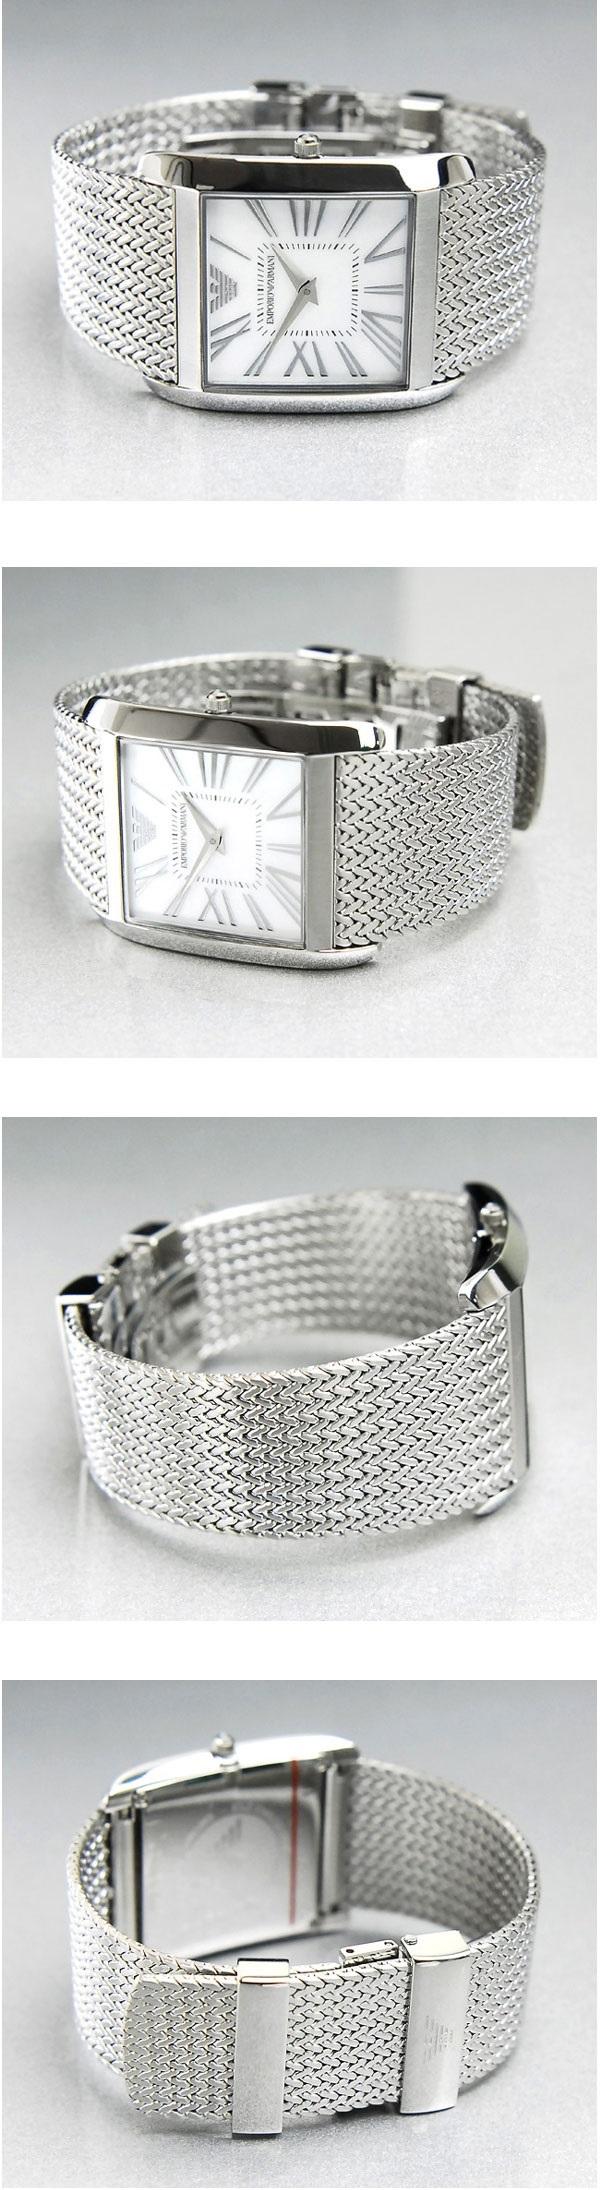 Đồng hồ Armani chính hãng AR2014 dành cho Nam tại Armanishop.vn